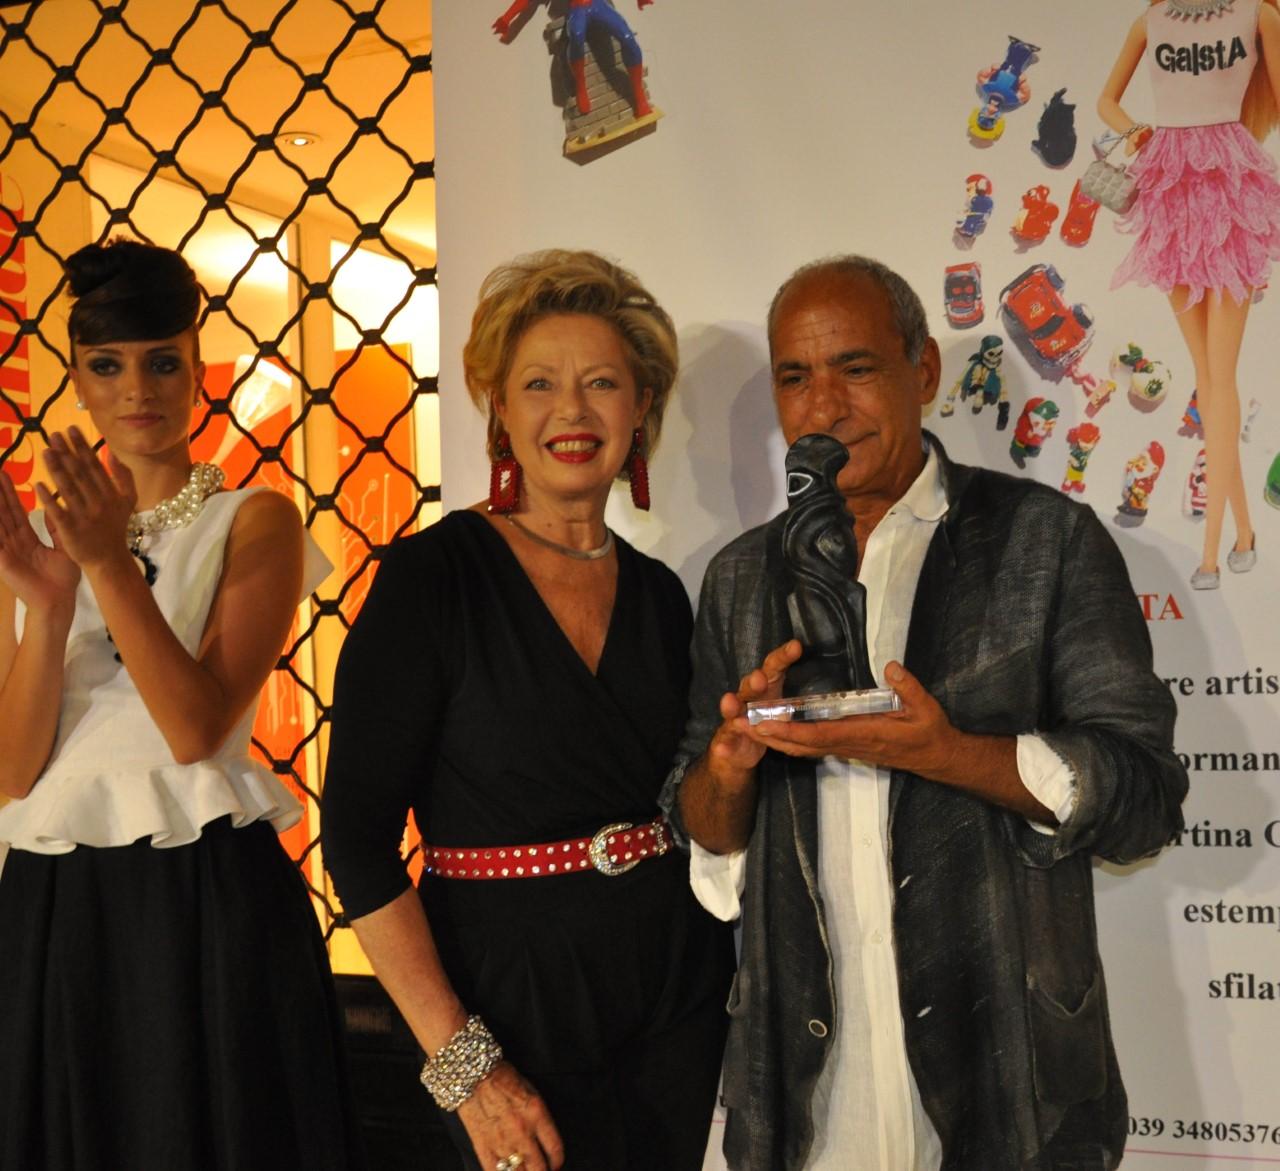 Il Premio Margutta tra arte, moda e mondanità